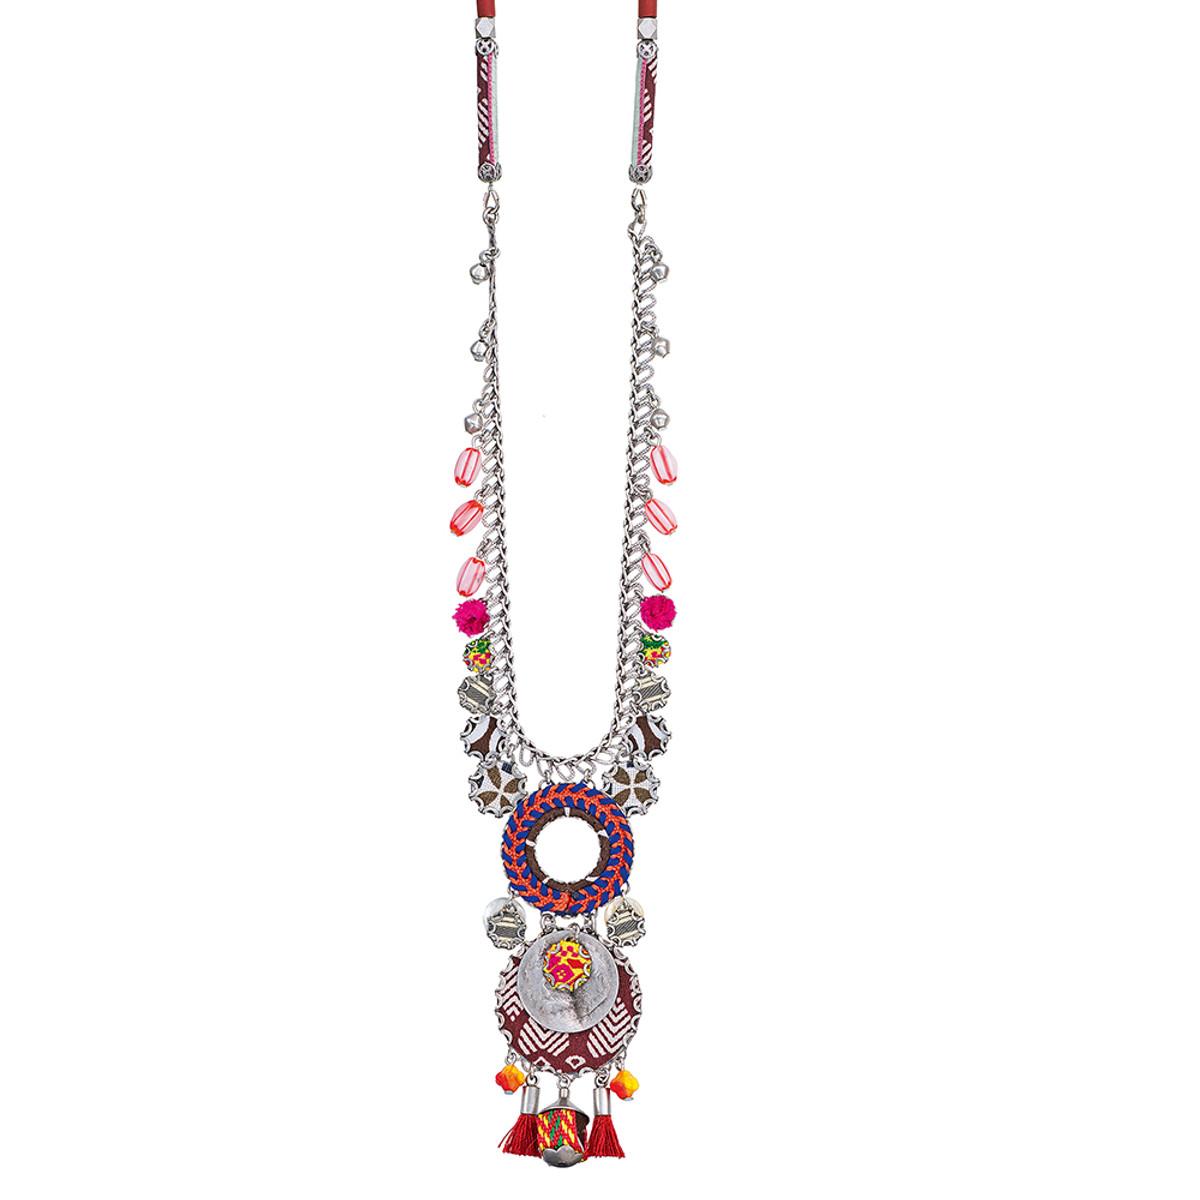 Ayala Bar Treasure Island Hidden Riches Necklace